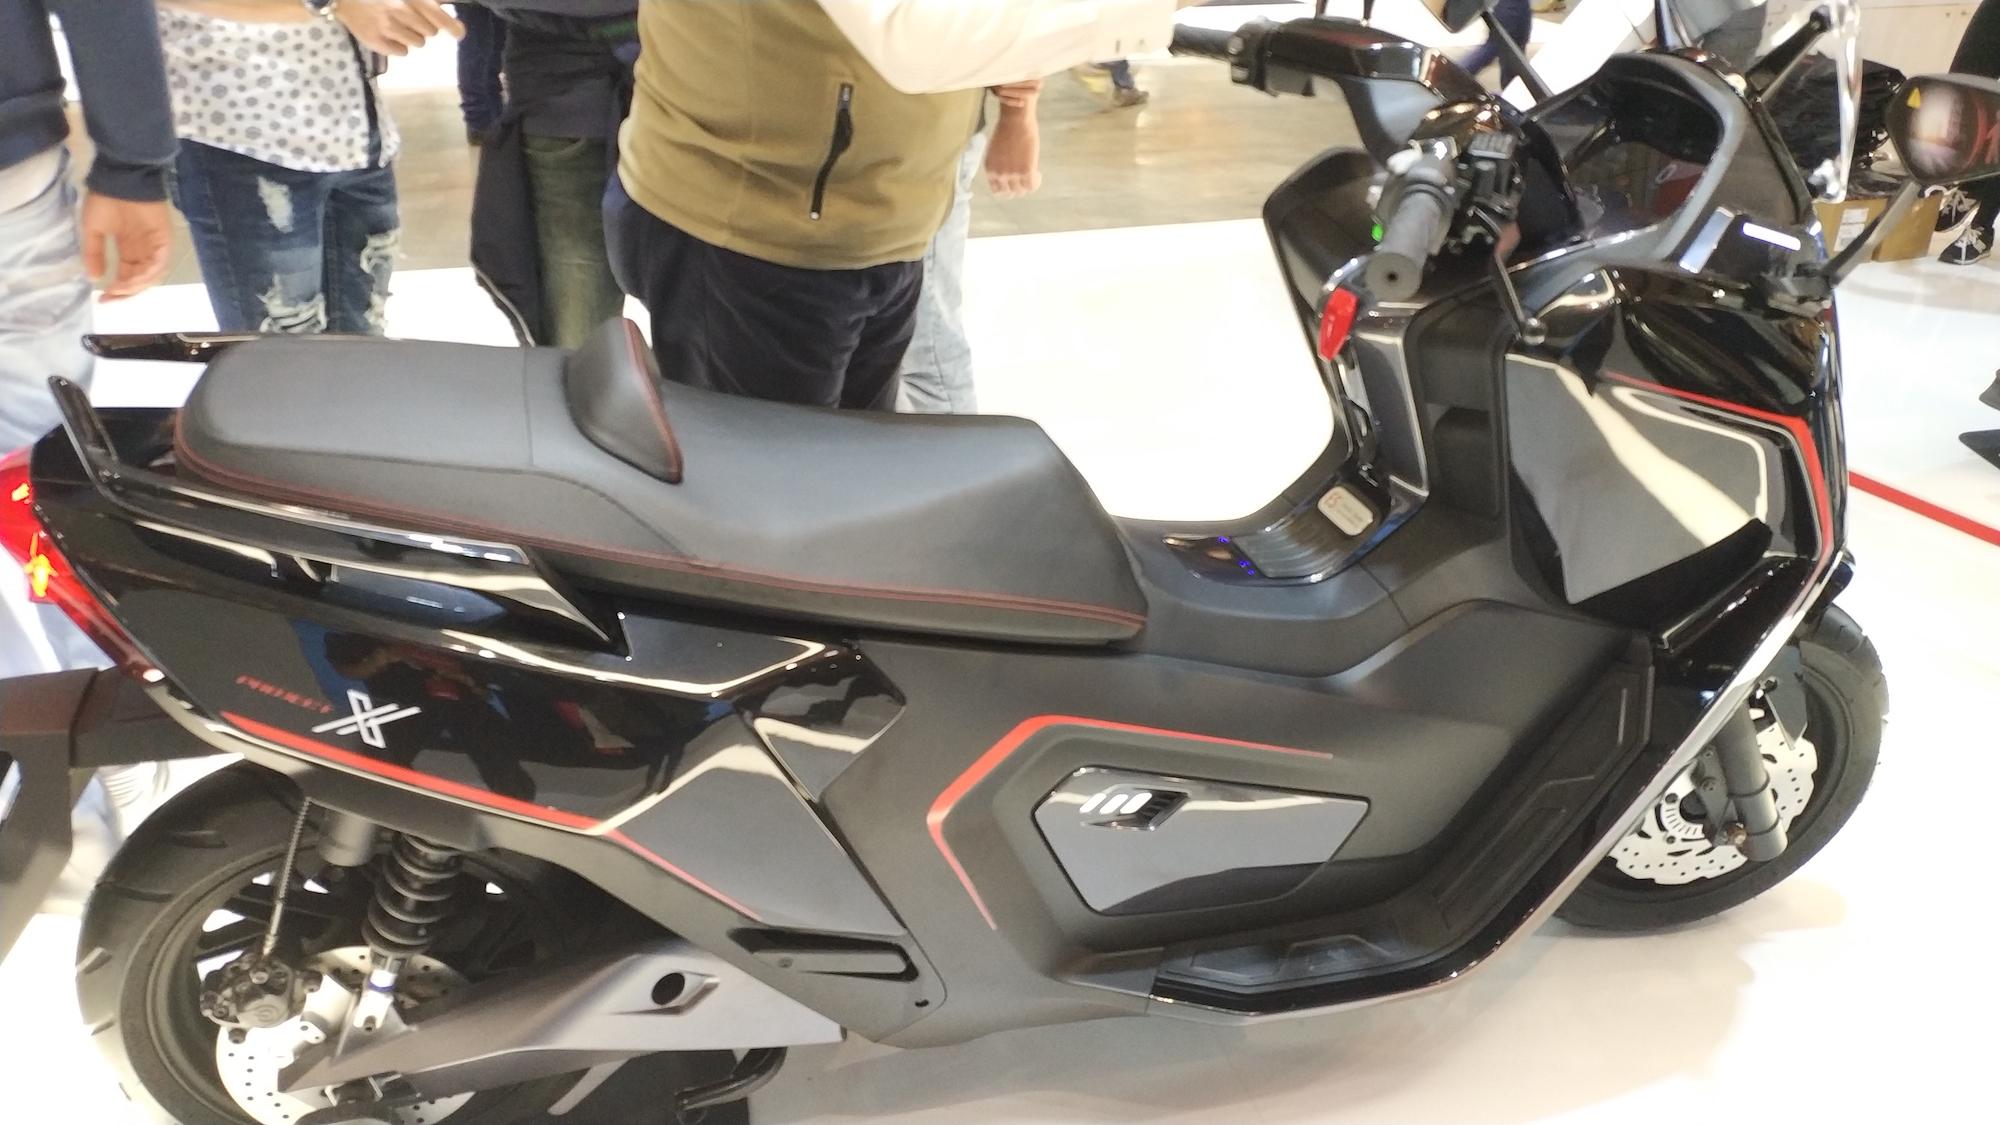 NIU svela ad EICMA 4 nuovi scooter elettrici super smart thumbnail